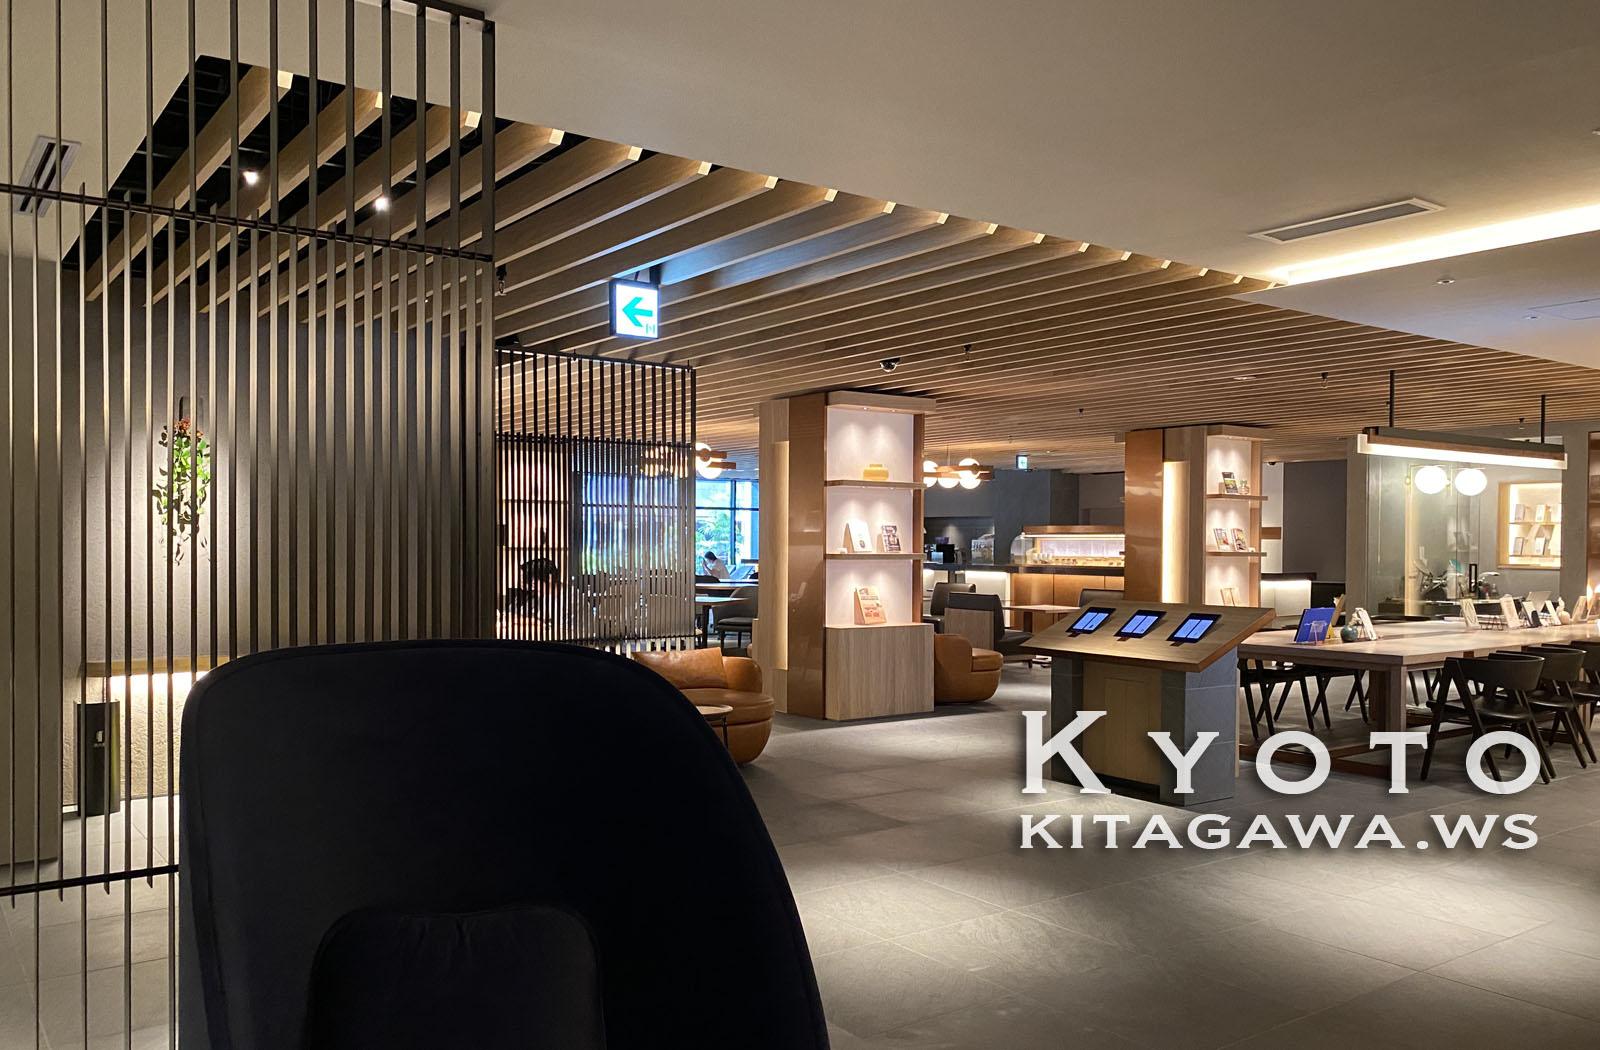 HIYORIチャプター京都 トリビュートポートフォリオホテル